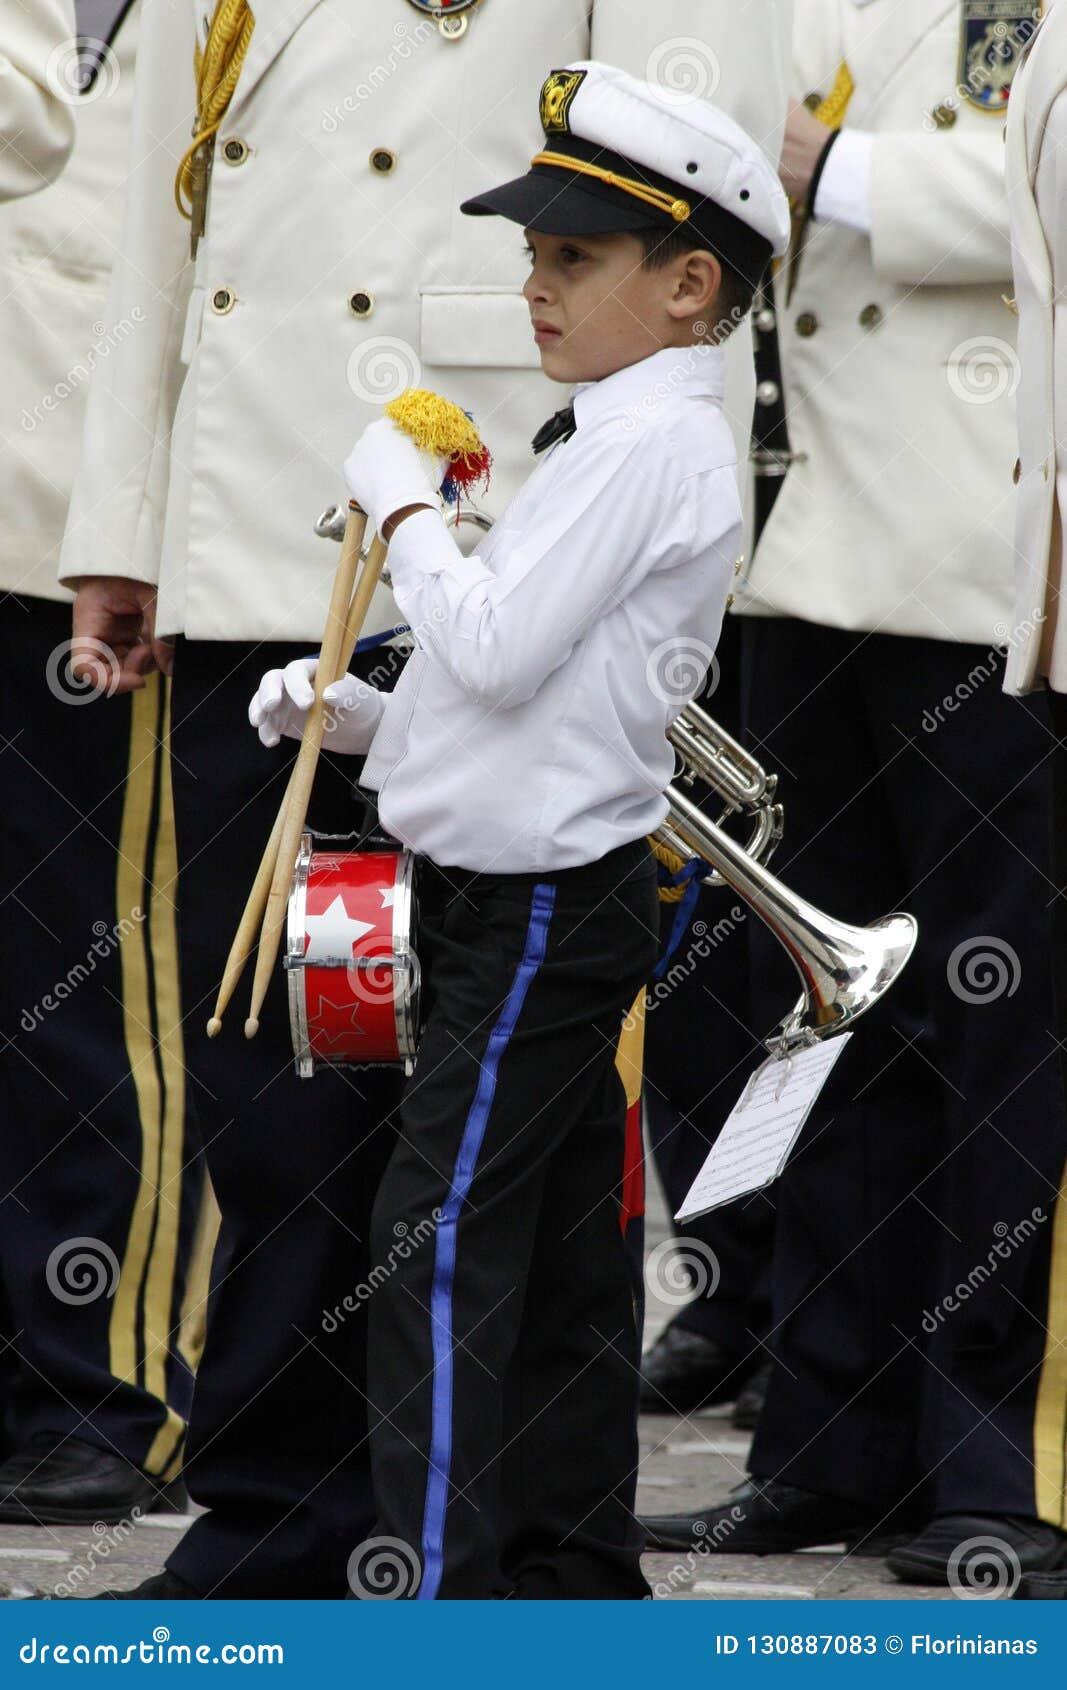 蒂米什瓦拉,罗马尼亚–09 27 2015在白色游行服装穿戴的军事夸耀